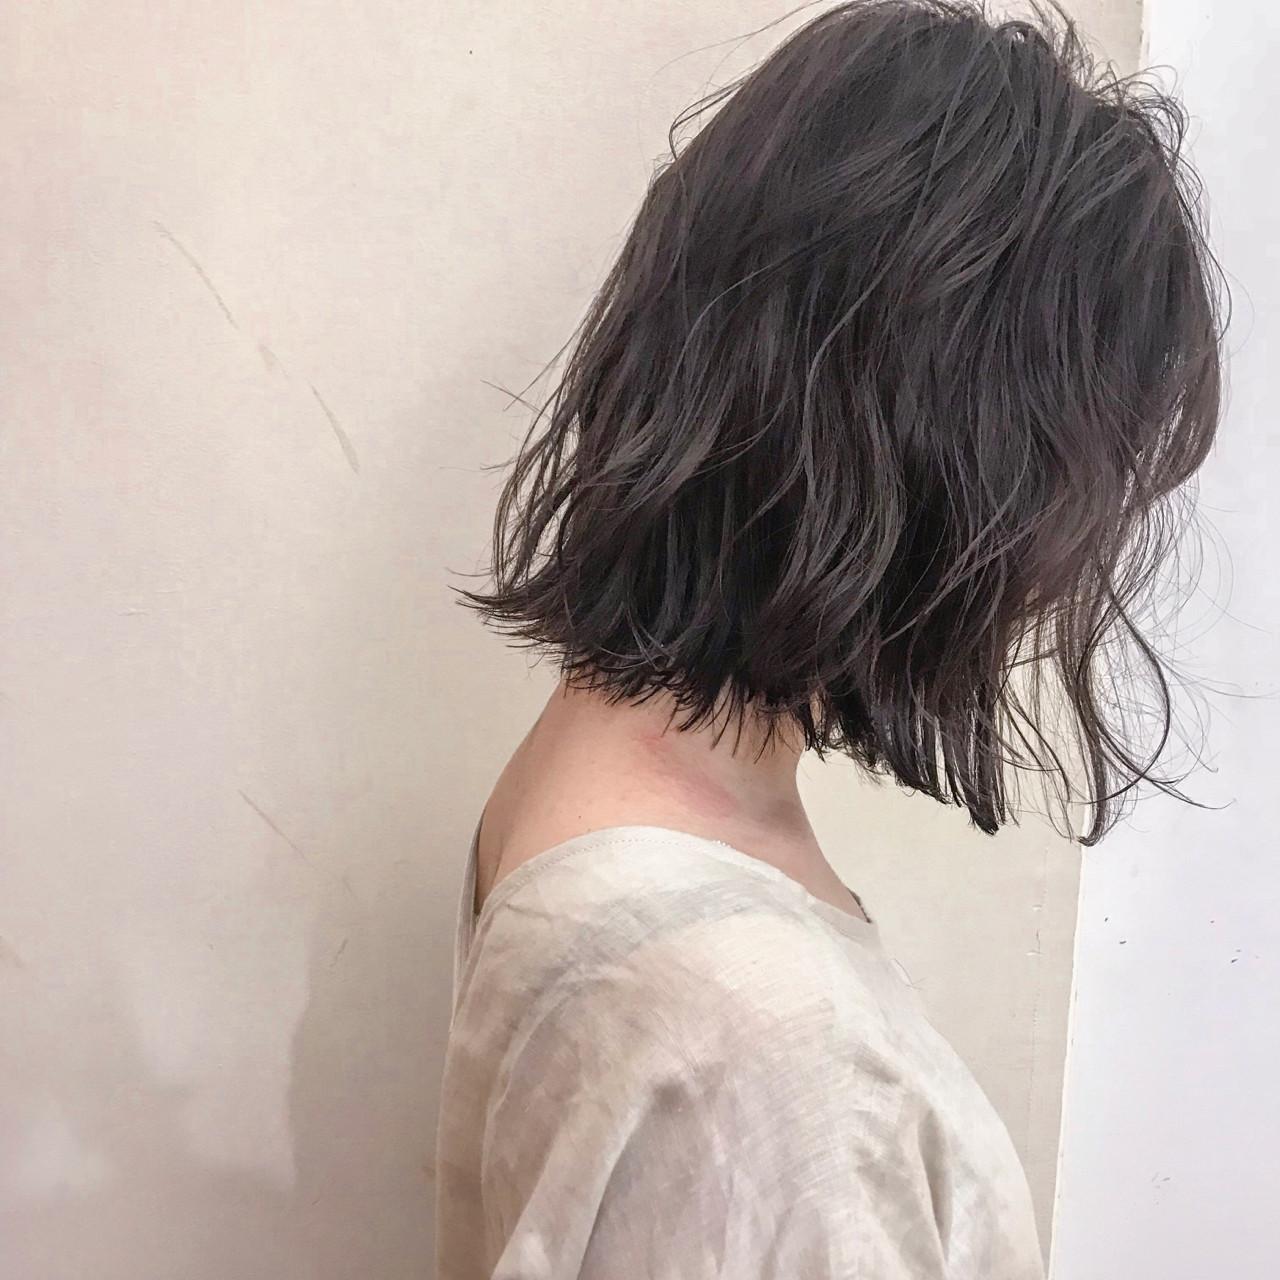 ナチュラル フェミニン 前髪あり ボブ ヘアスタイルや髪型の写真・画像 | yumiko/sapporoSKNOW / SKNOW